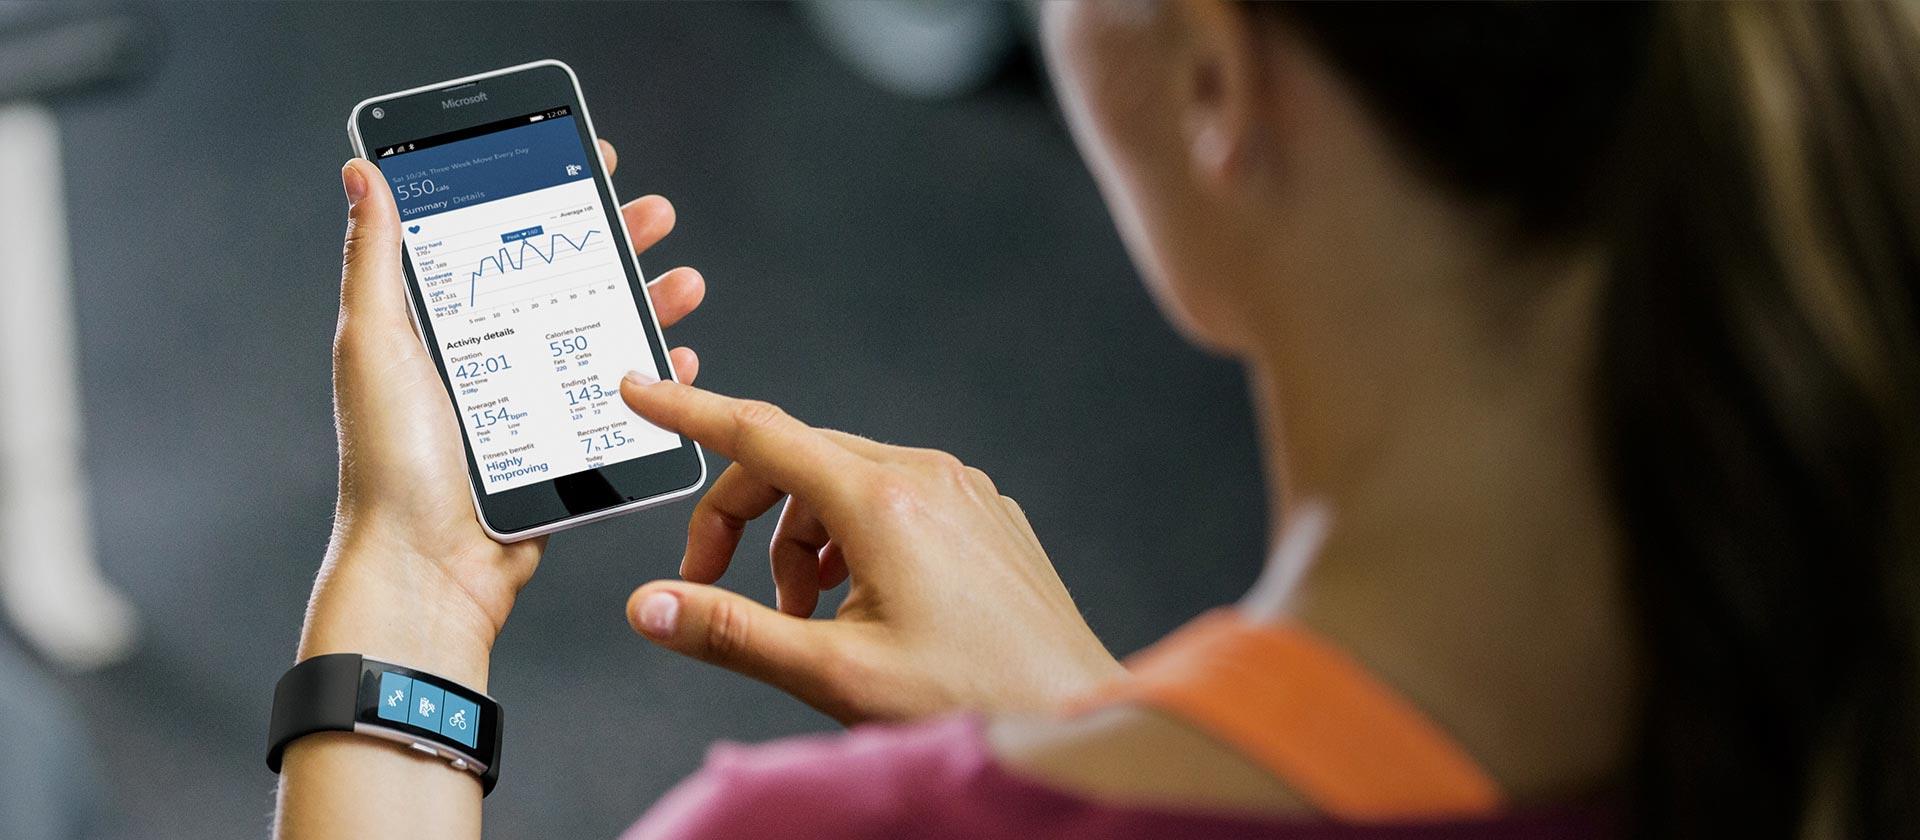 ПРИЛОЖЕНИЕ FIT 71 ДЛЯ ФИТНЕС БРАСЛЕТА ДЛЯ ОС WINDOWS PHONE MOBILE 8.1 СКАЧАТЬ БЕСПЛАТНО